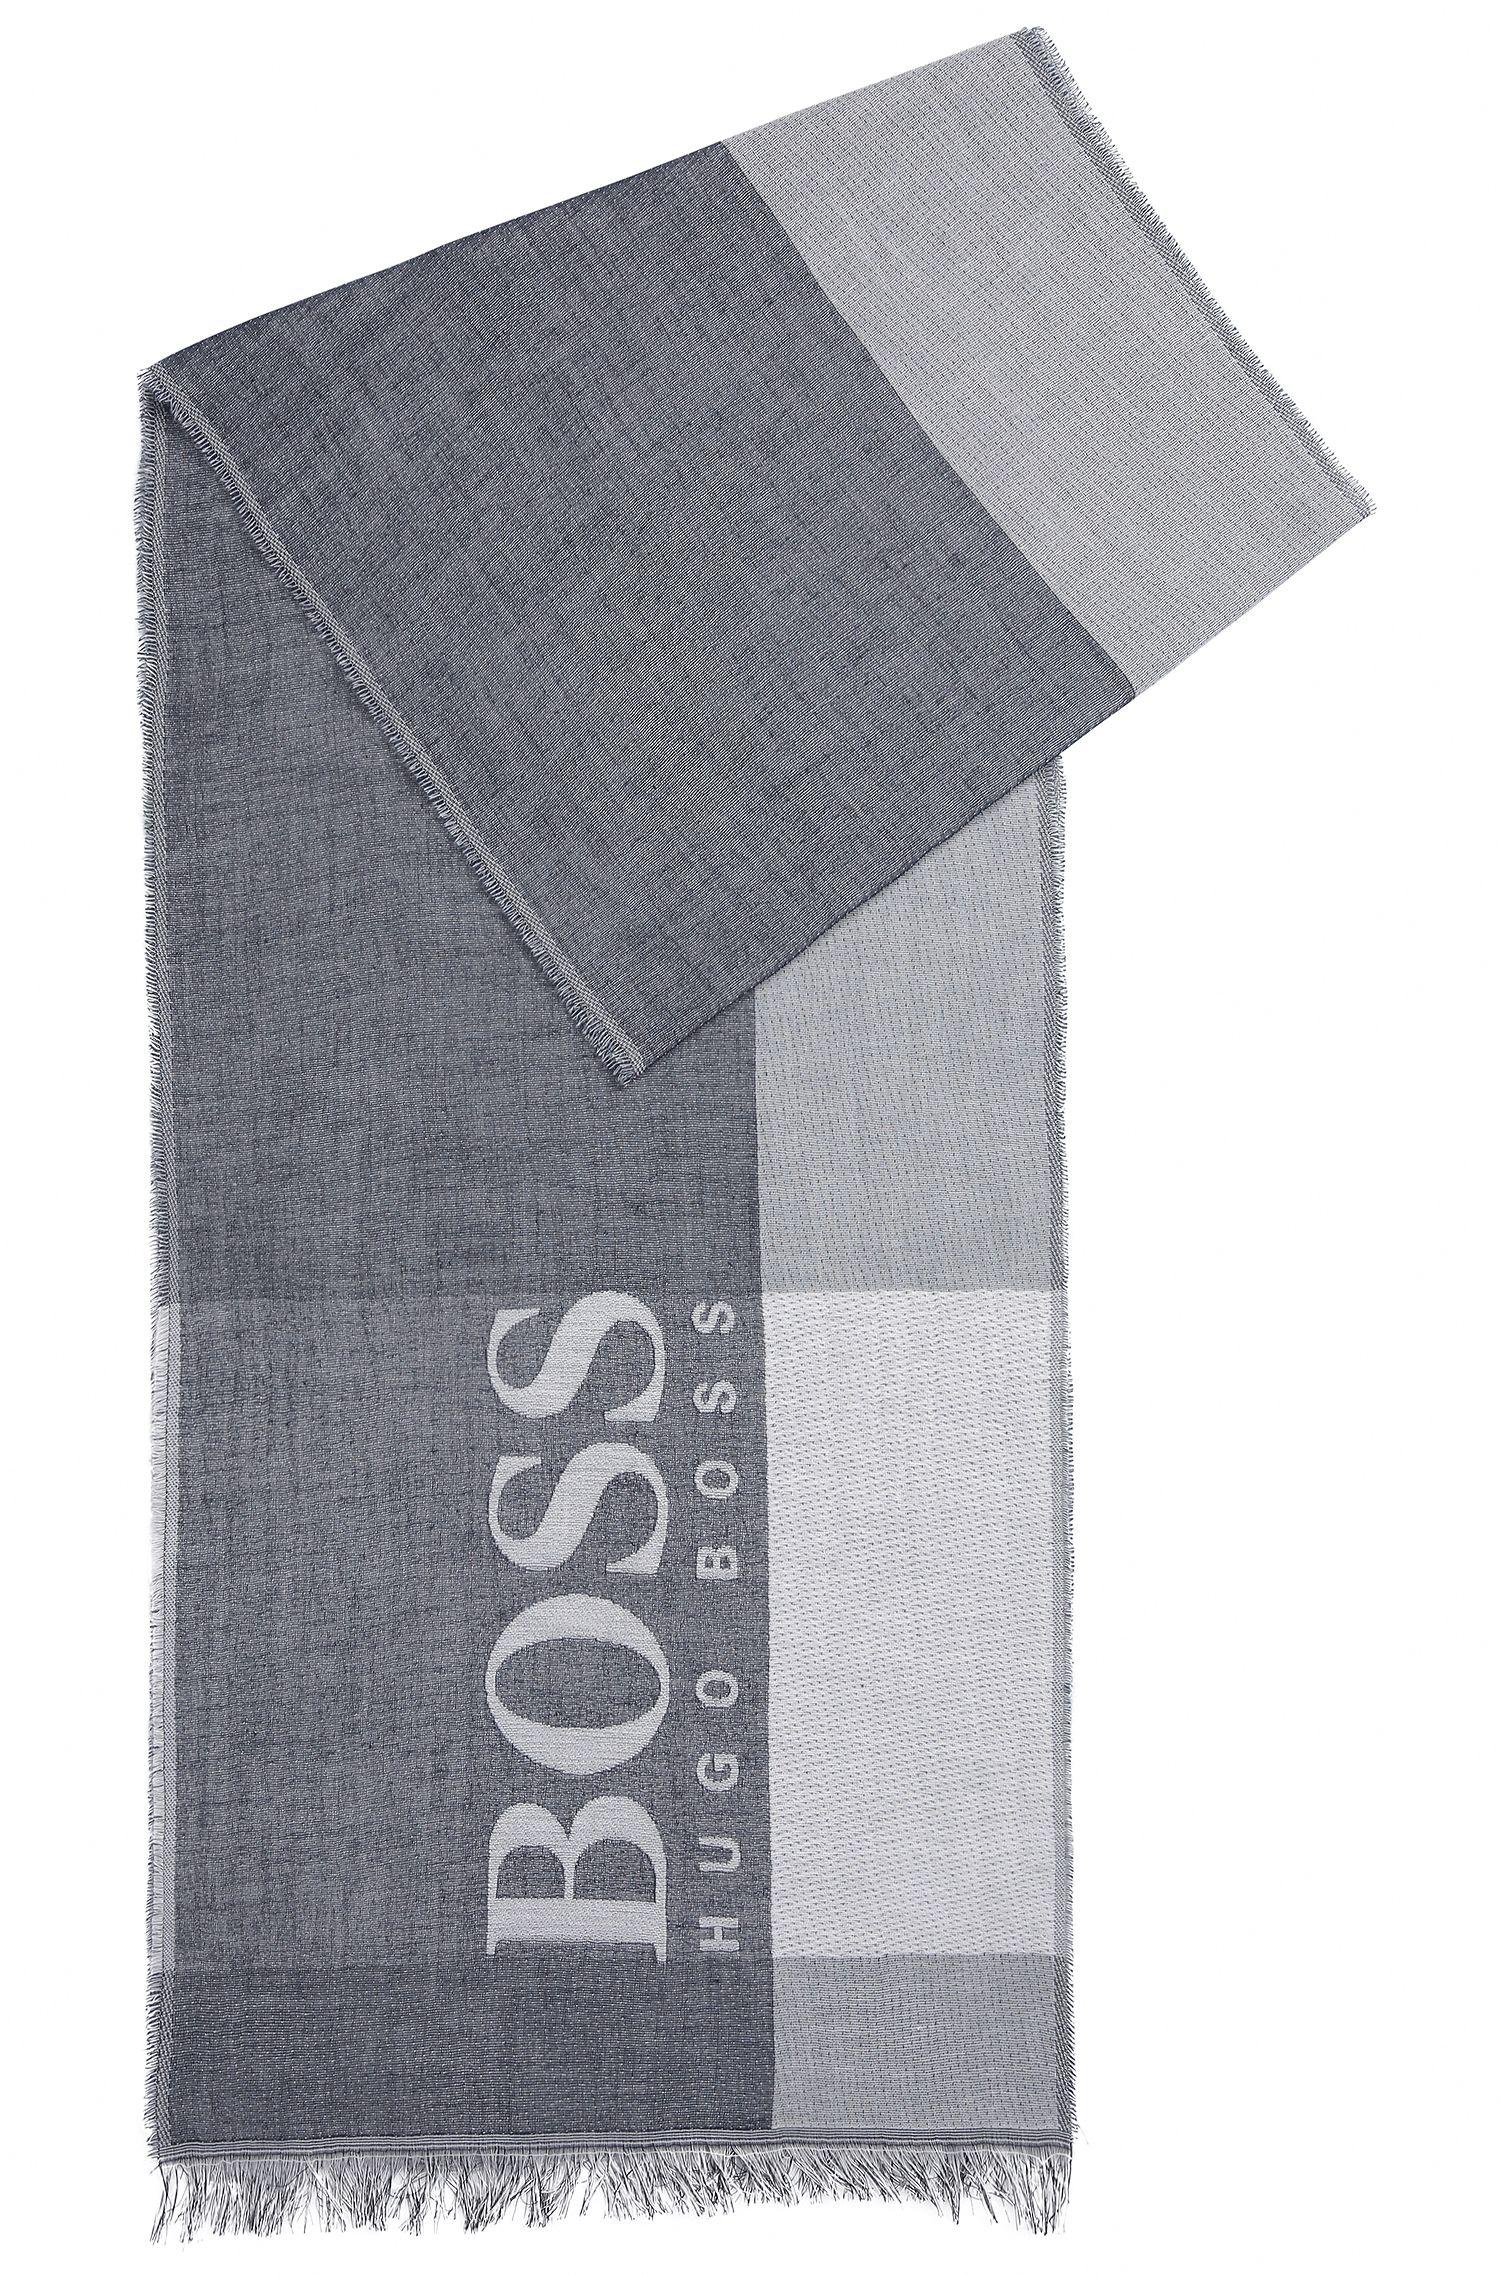 Katoenen sjaal met groot logo in colourblocking